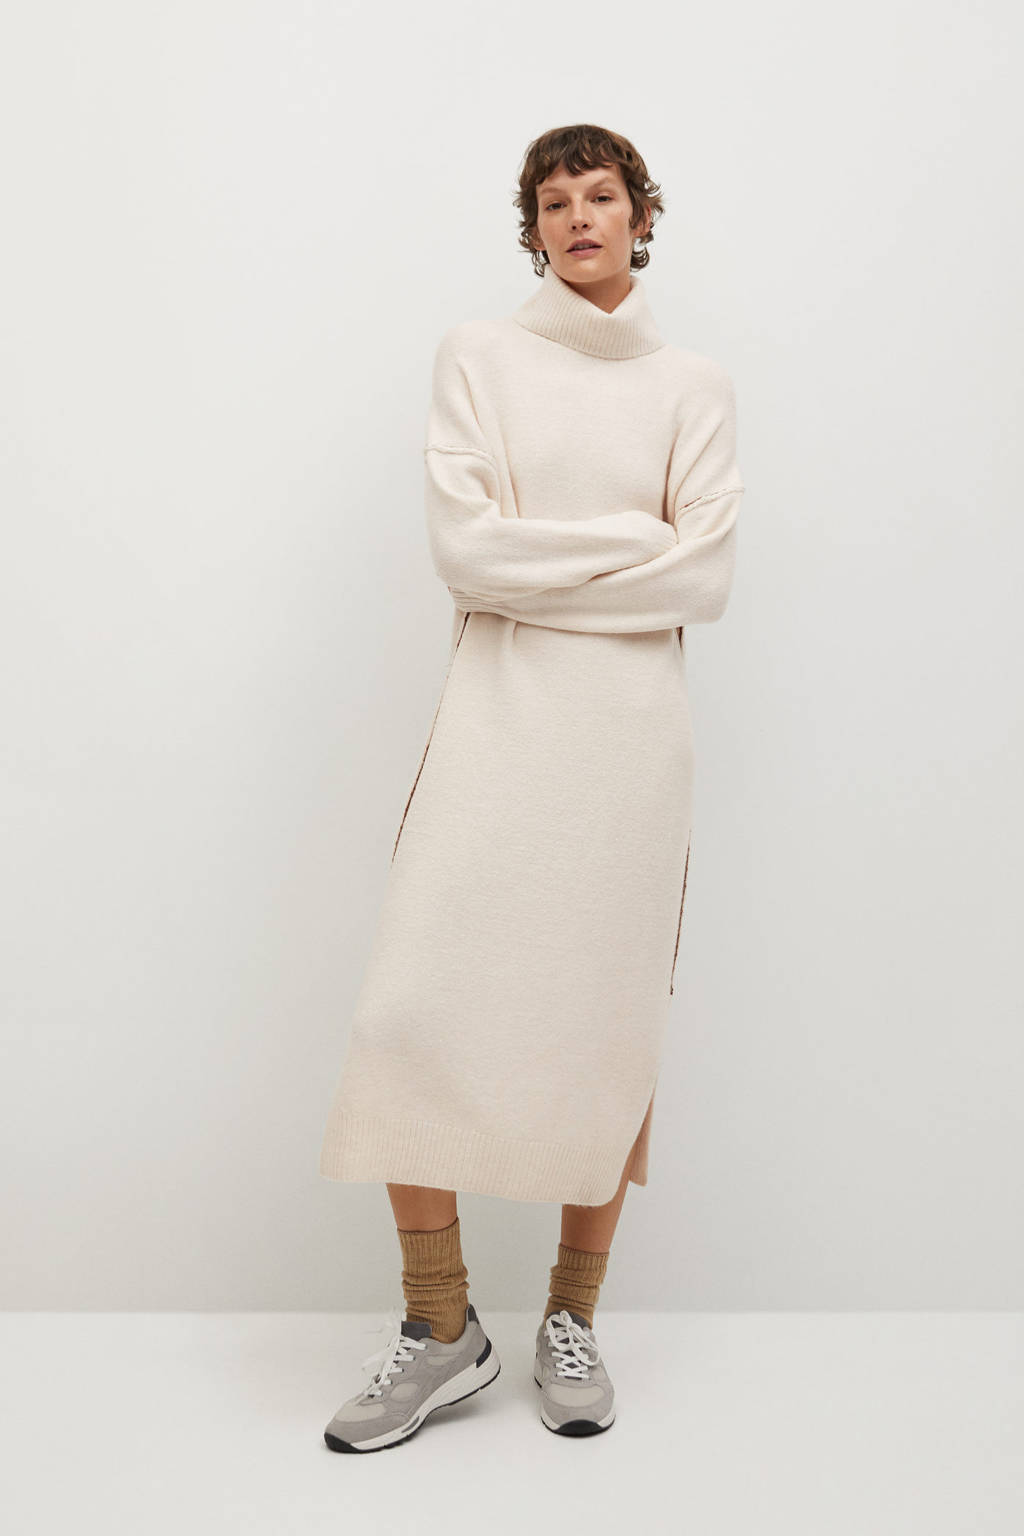 Mango jurk met wol lichtbeige, Lichtbeige